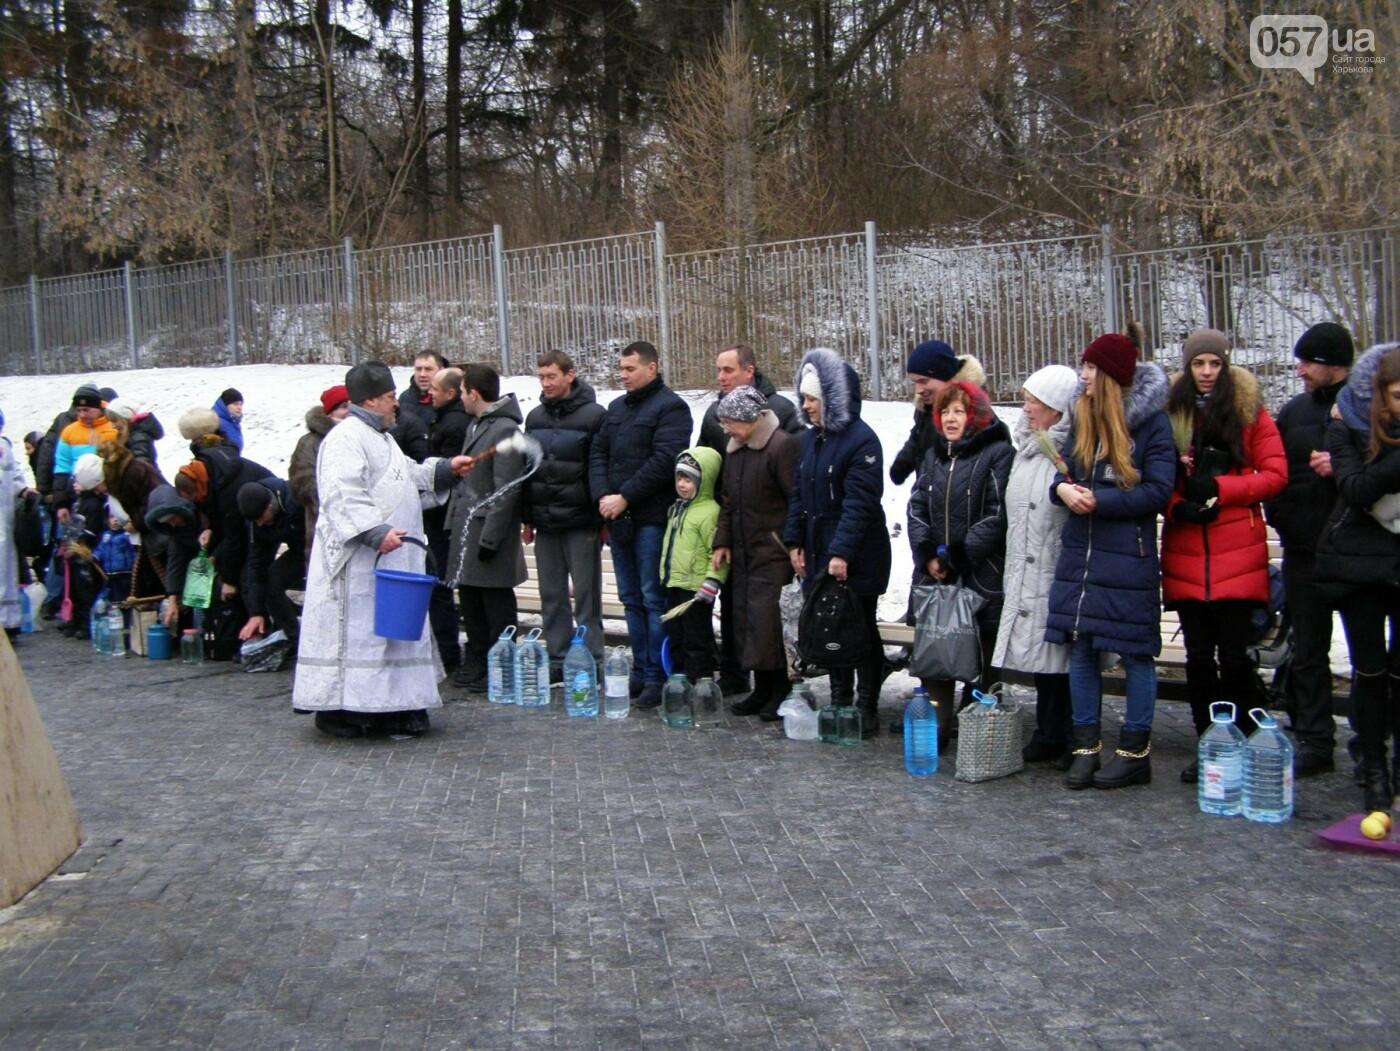 Массовые купания в источнике: как харьковчане отметили Крещение (ФОТО), фото-10